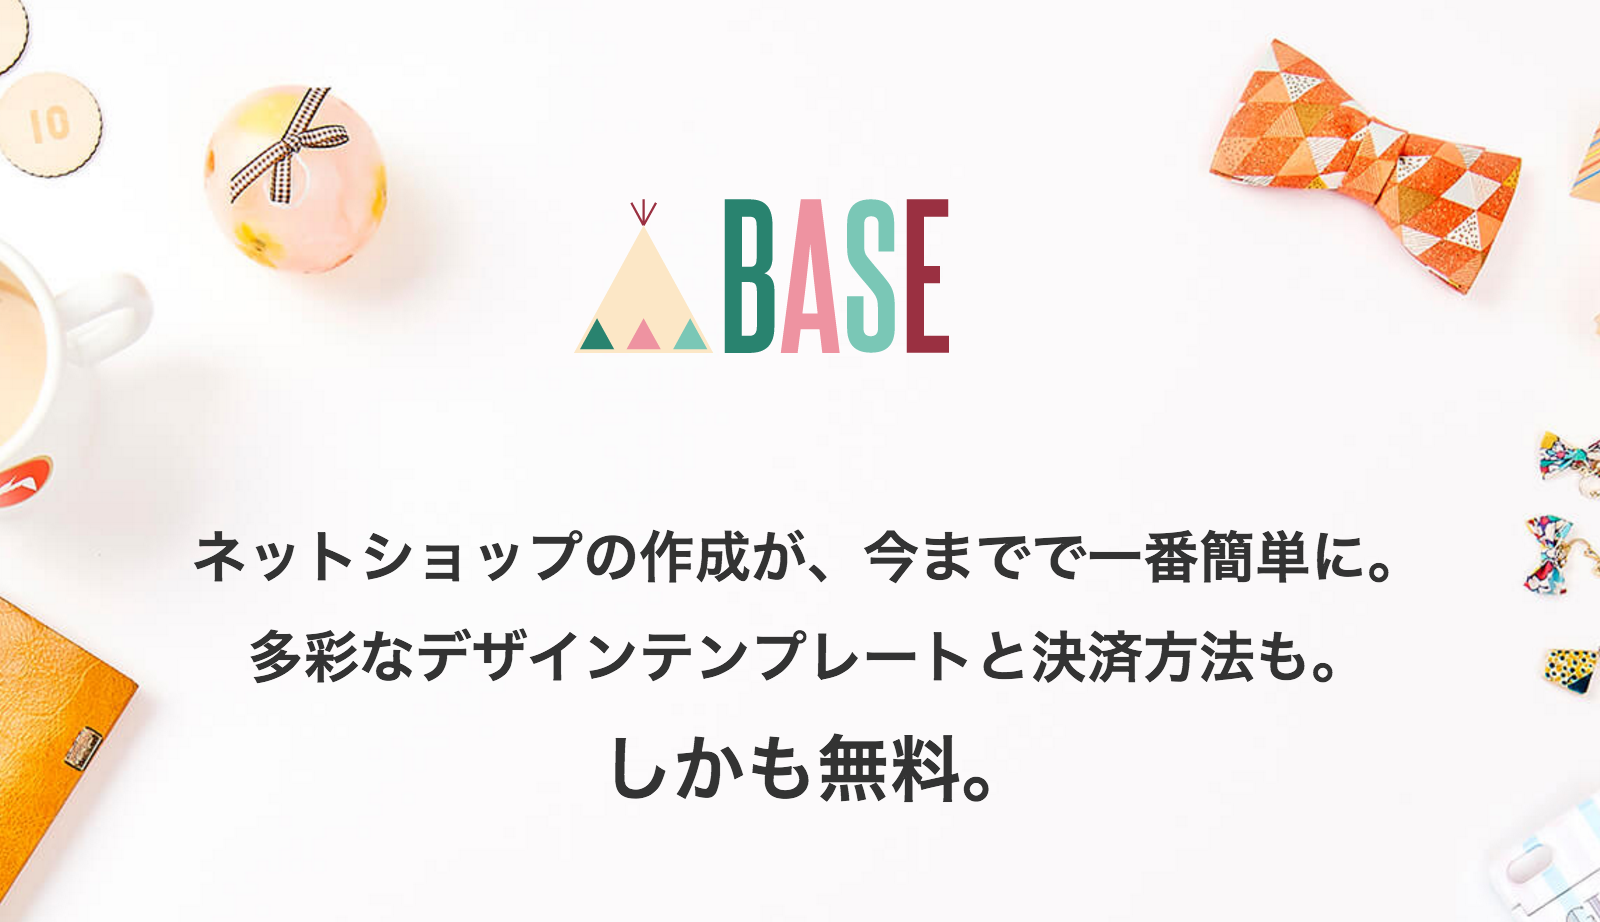 クレジット&コンビニ決済可能!無料で使えるBASE最高